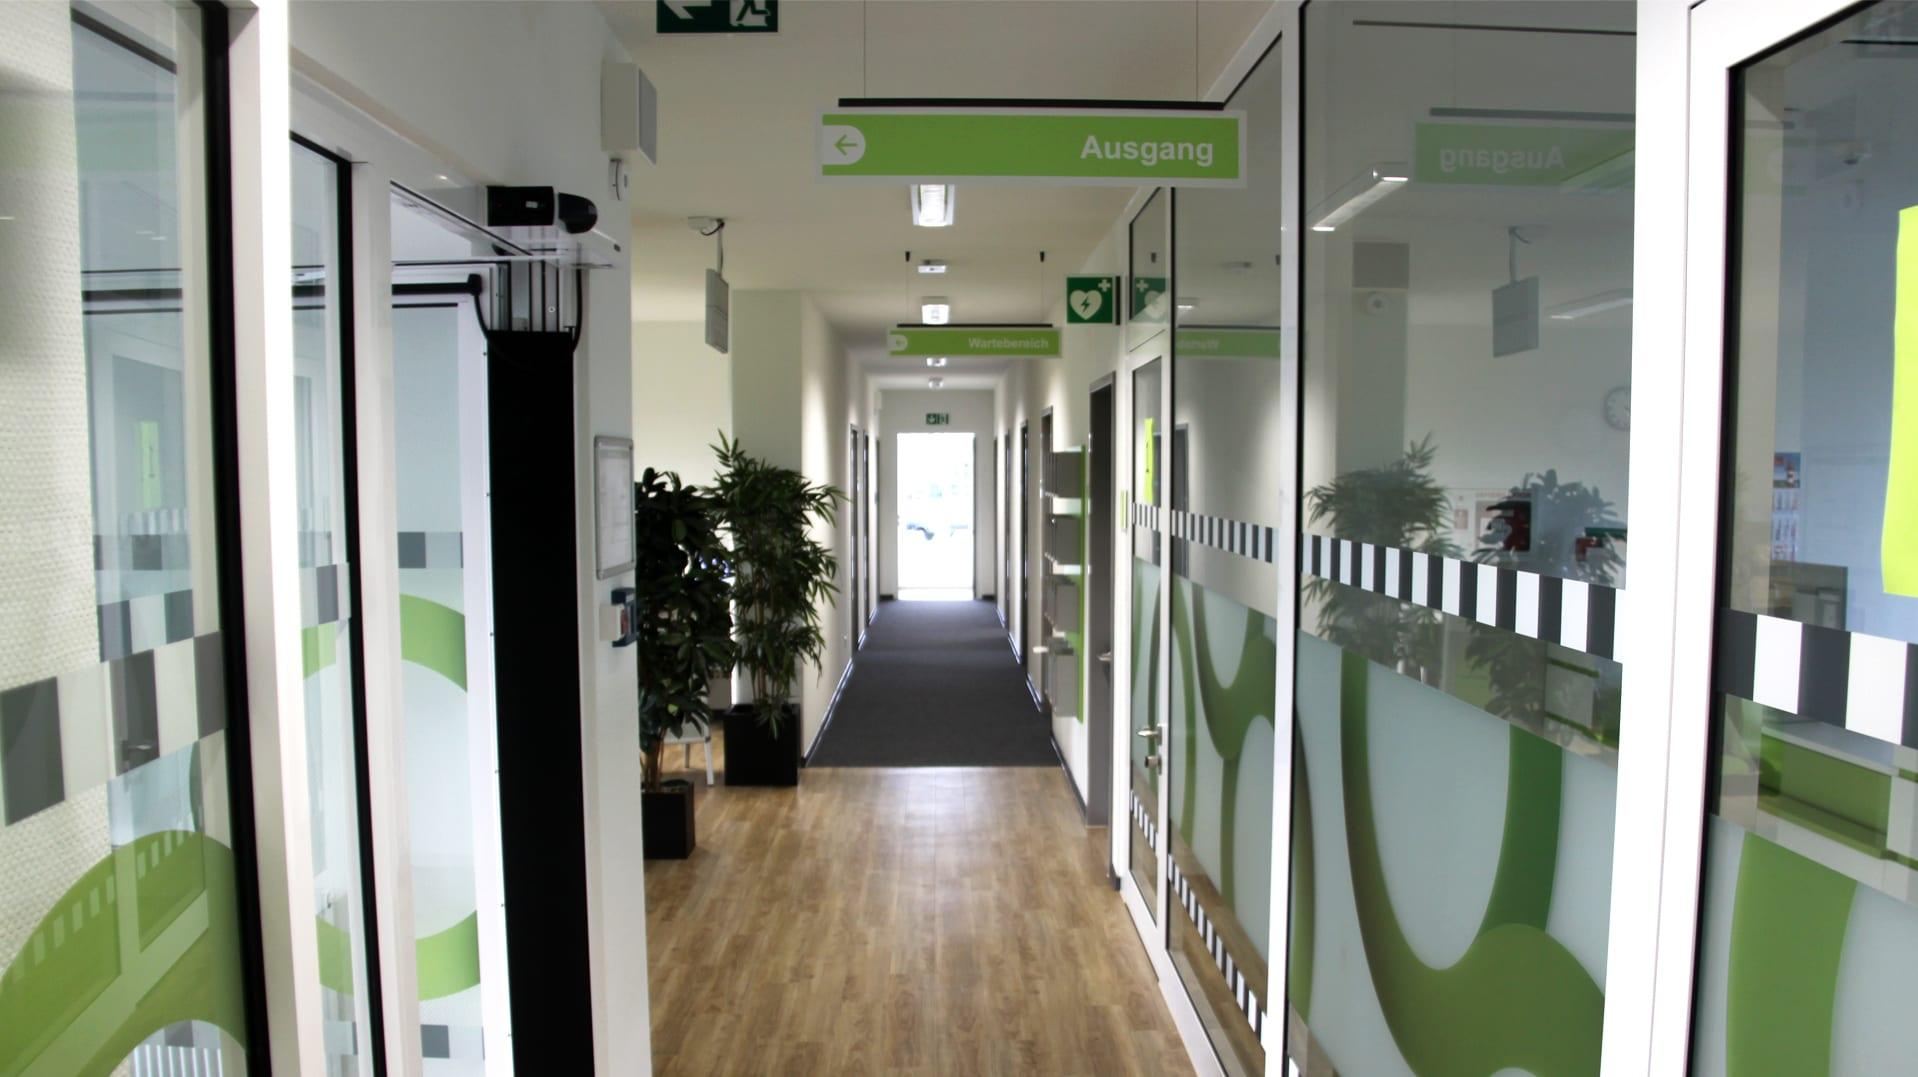 Jobcenter Reinbek Wegeleitsystem